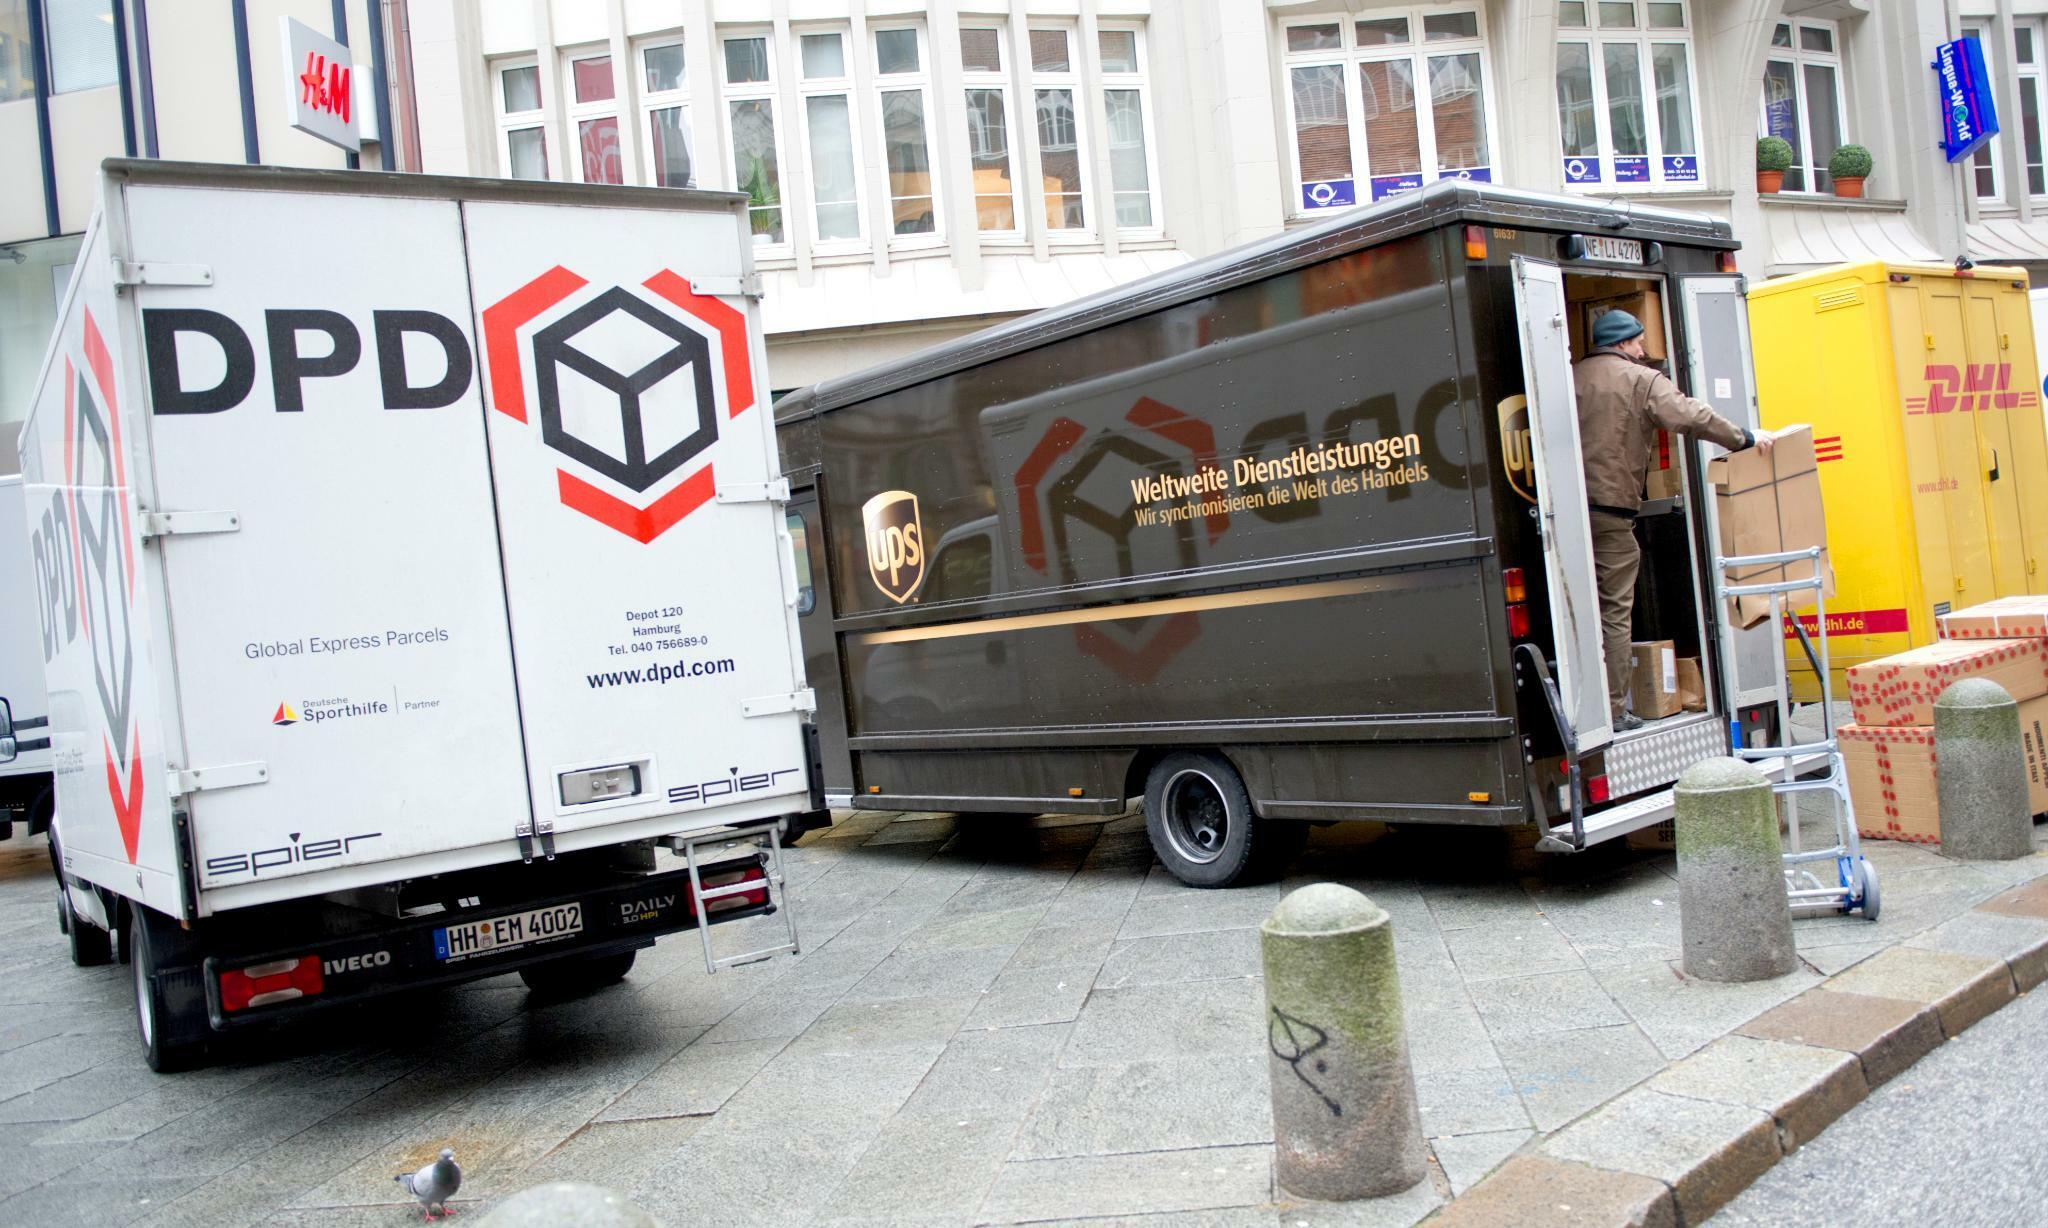 Paketzustellung Weihnachten 2019.Dhl Und Co Vor Weihnachten Droht In Städten Der Verkehrskollaps